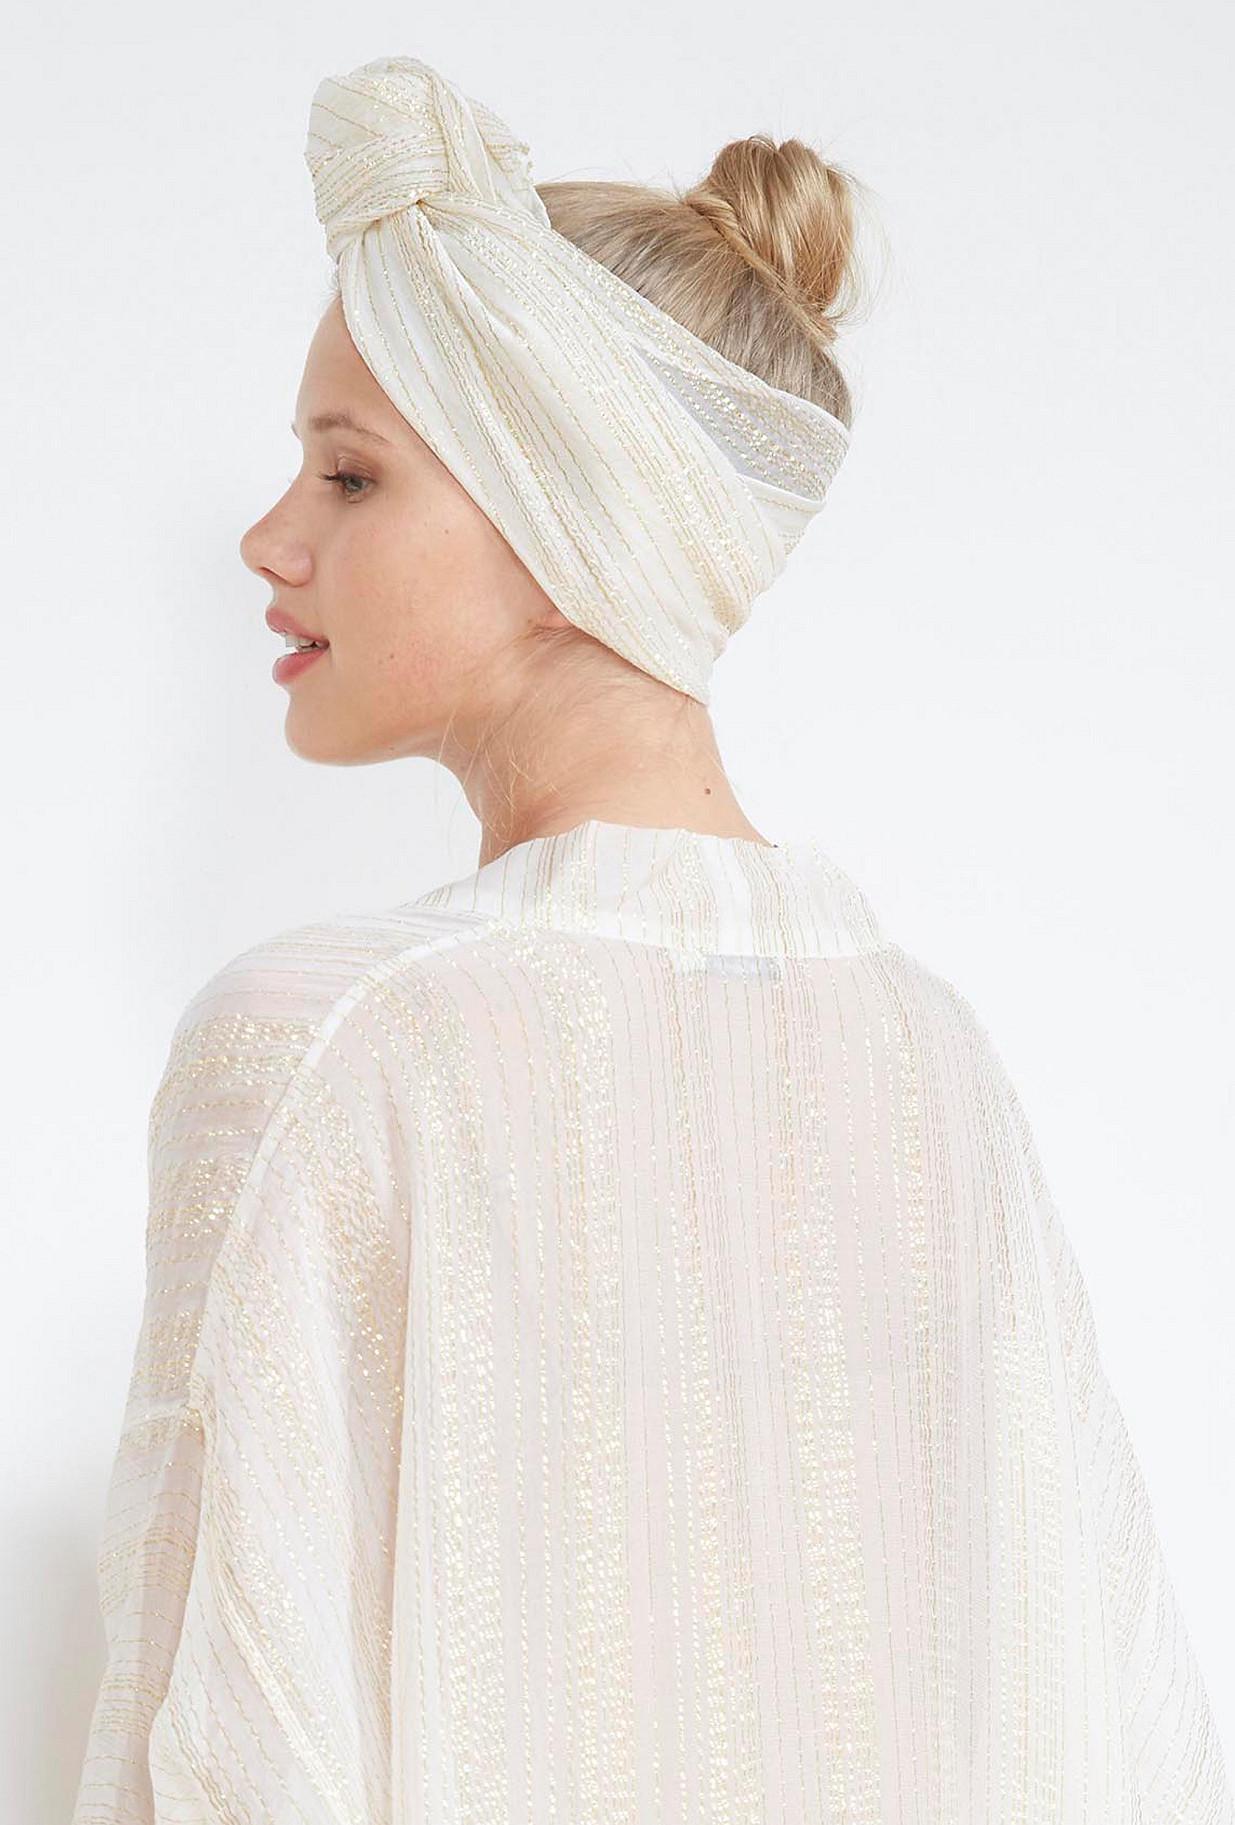 clothes store ACCESSORIES  Emre french designer fashion Paris